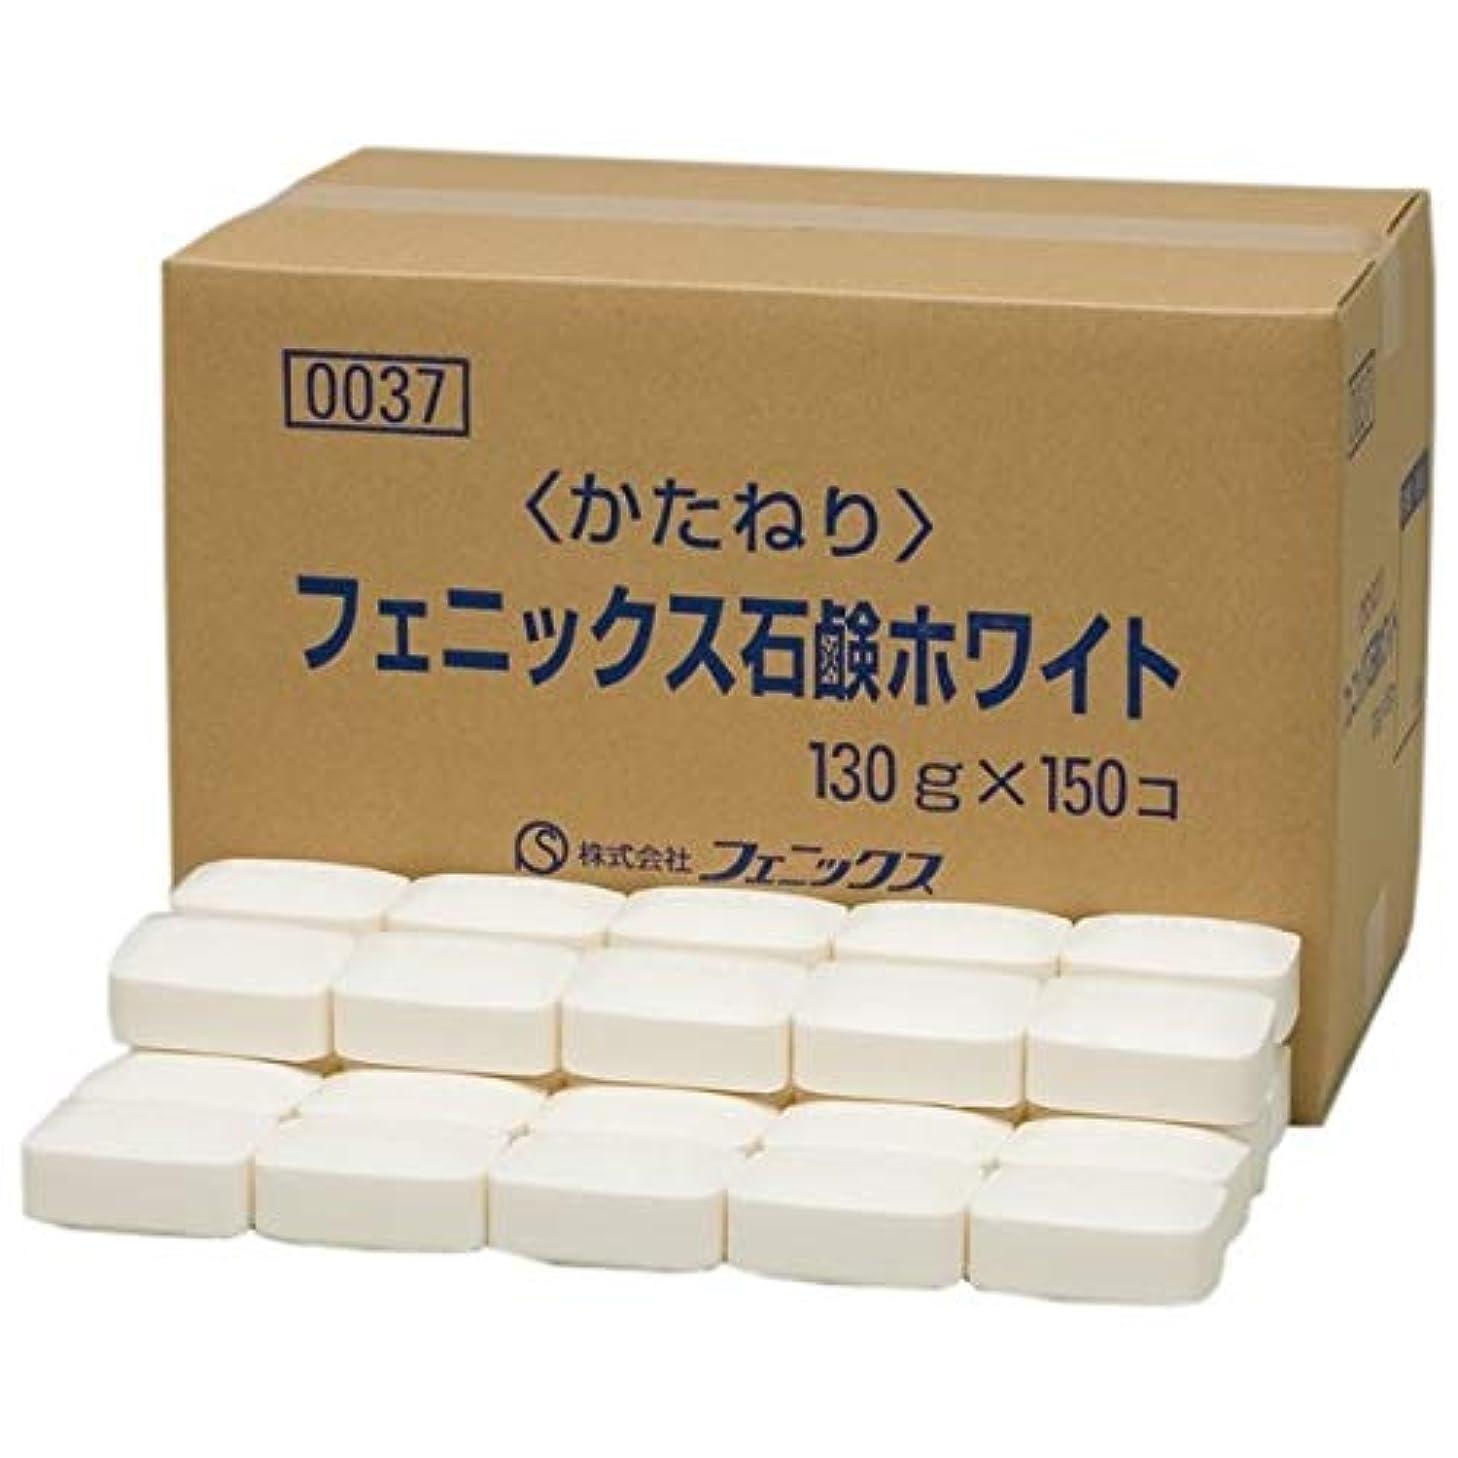 平衡防止私のフェニックスホワイト石鹸 130g×150個入